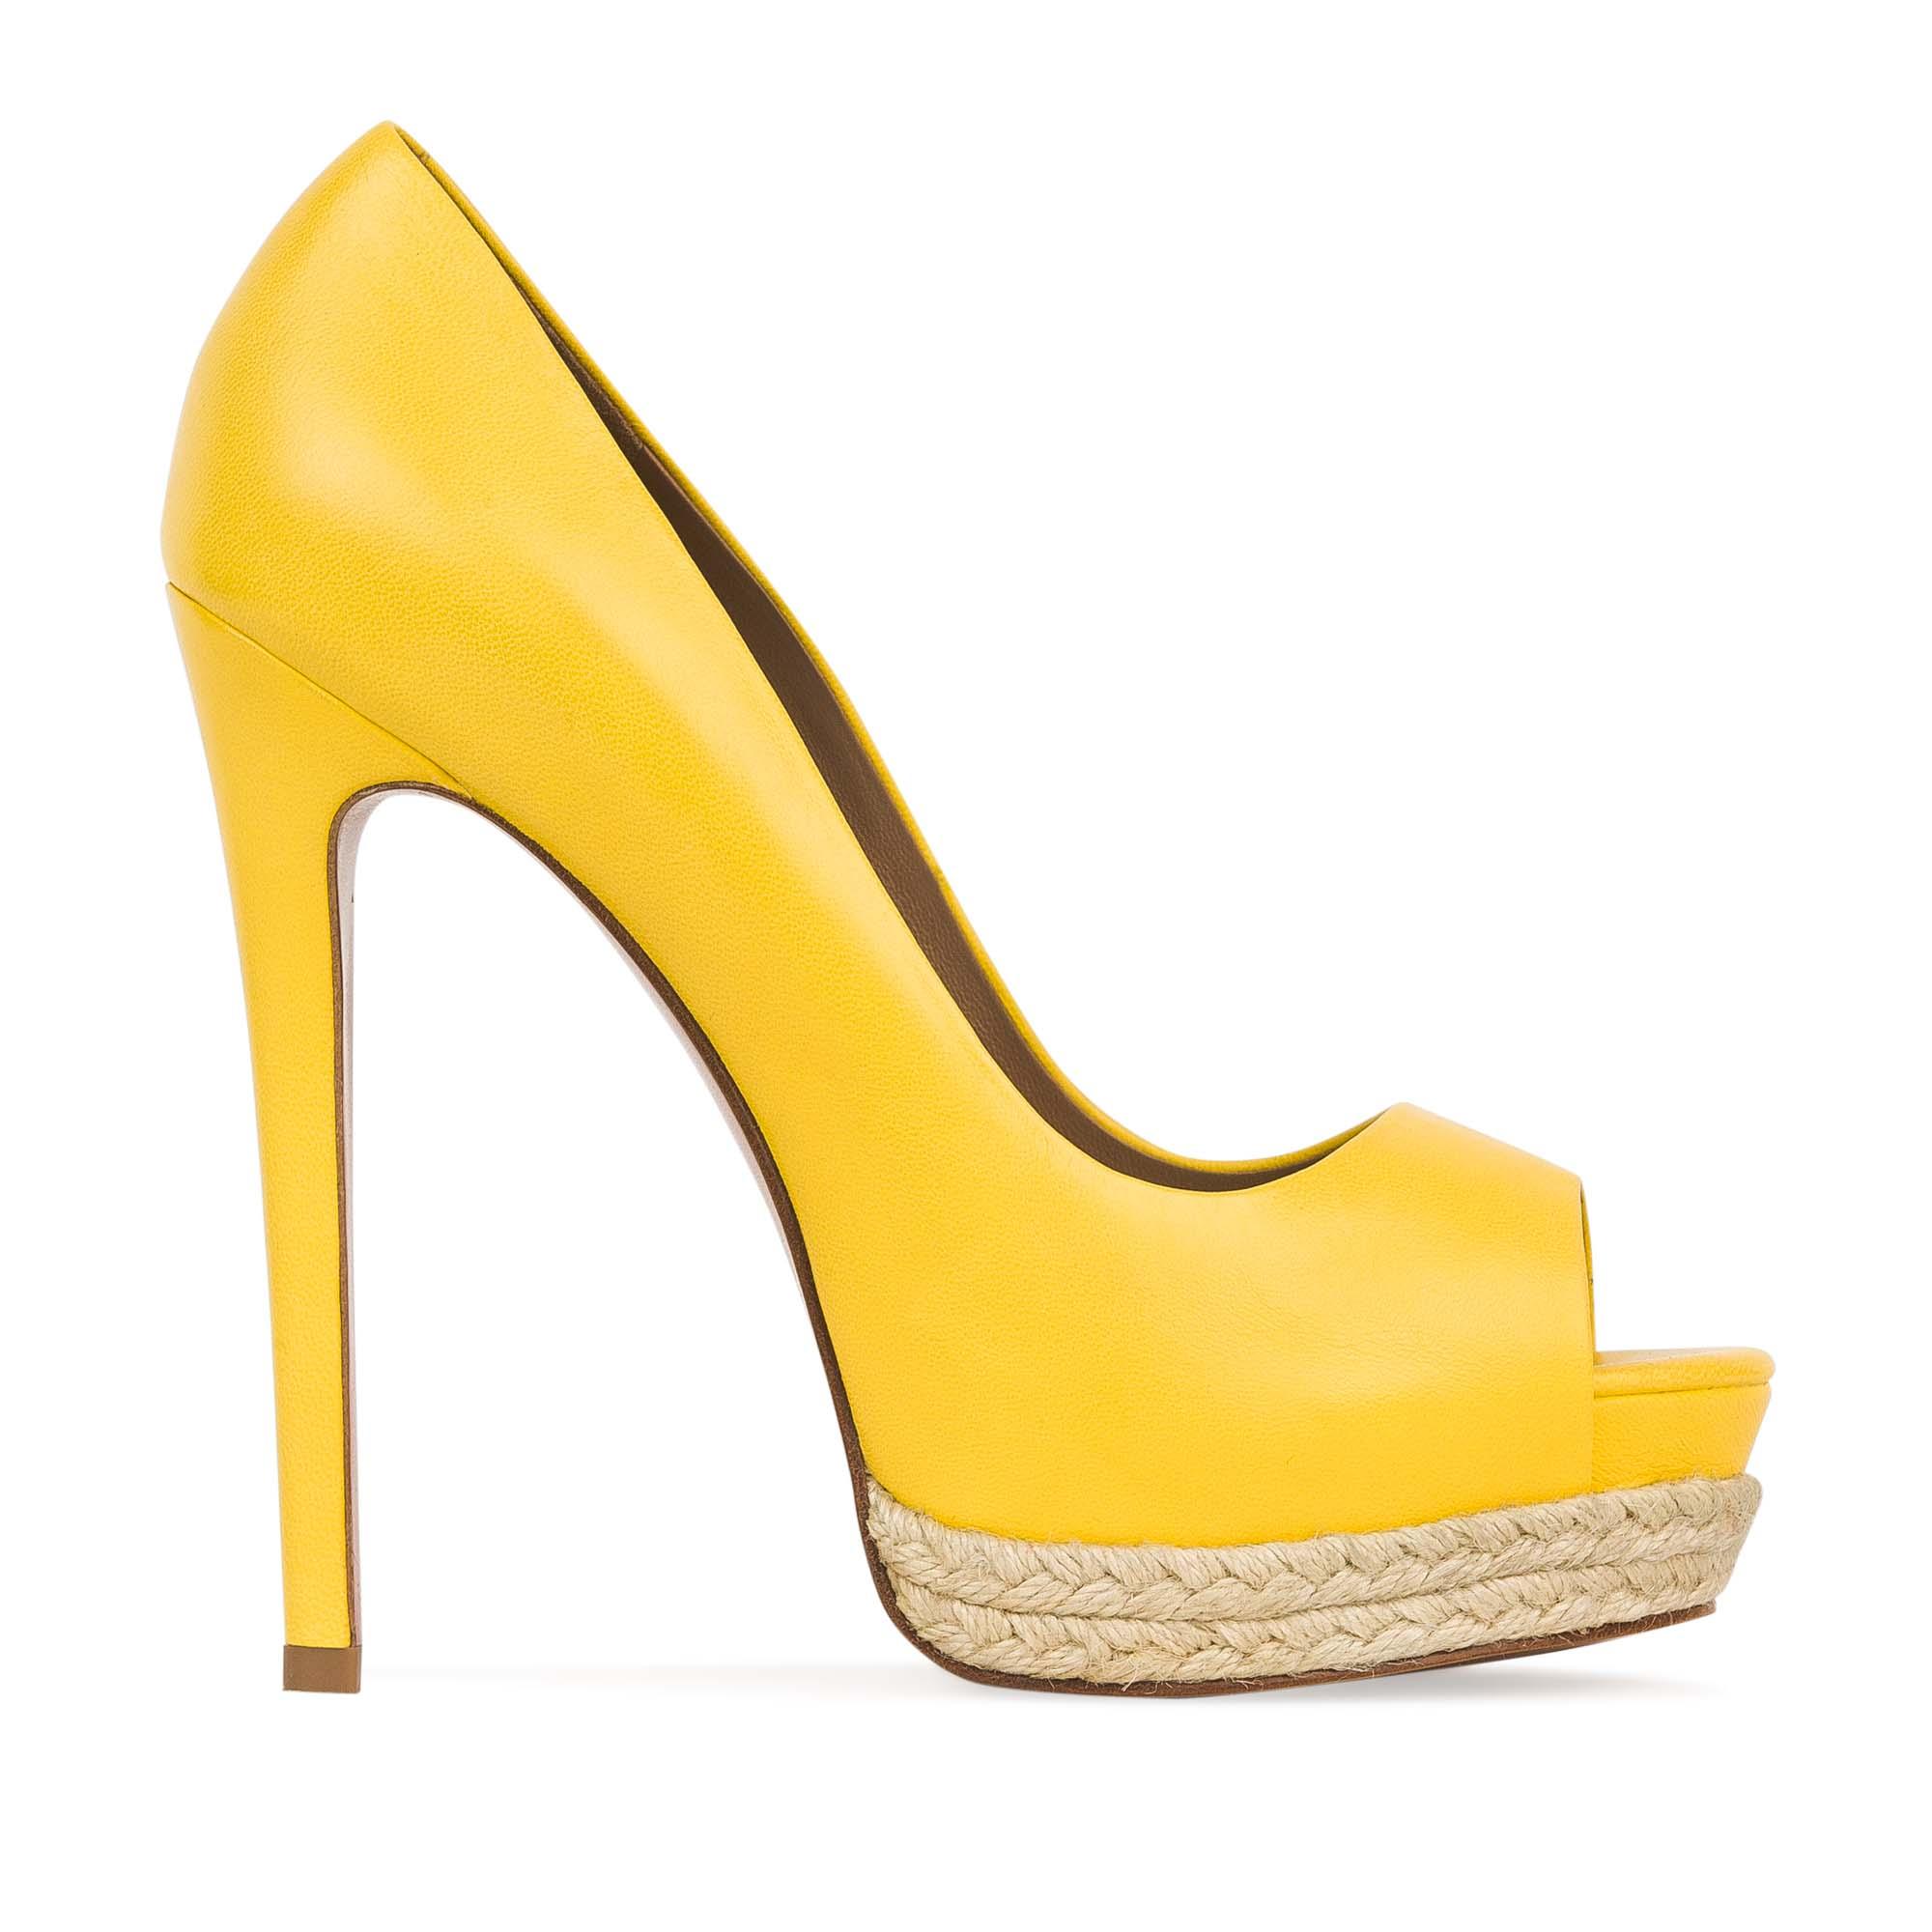 Кожаные туфли канареечного цвета на джутовой подошвеТуфли женские<br><br>Материал верха: Кожа<br>Материал подкладки: Кожа<br>Материал подошвы: Кожа<br>Цвет: Желтый<br>Высота каблука: 13 см<br>Дизайн: Италия<br>Страна производства: Китай<br><br>Высота каблука: 13 см<br>Материал верха: Кожа<br>Материал подошвы: Кожа<br>Материал подкладки: Кожа<br>Цвет: Желтый<br>Пол: Женский<br>Вес кг: 0.58600000<br>Размер: 38